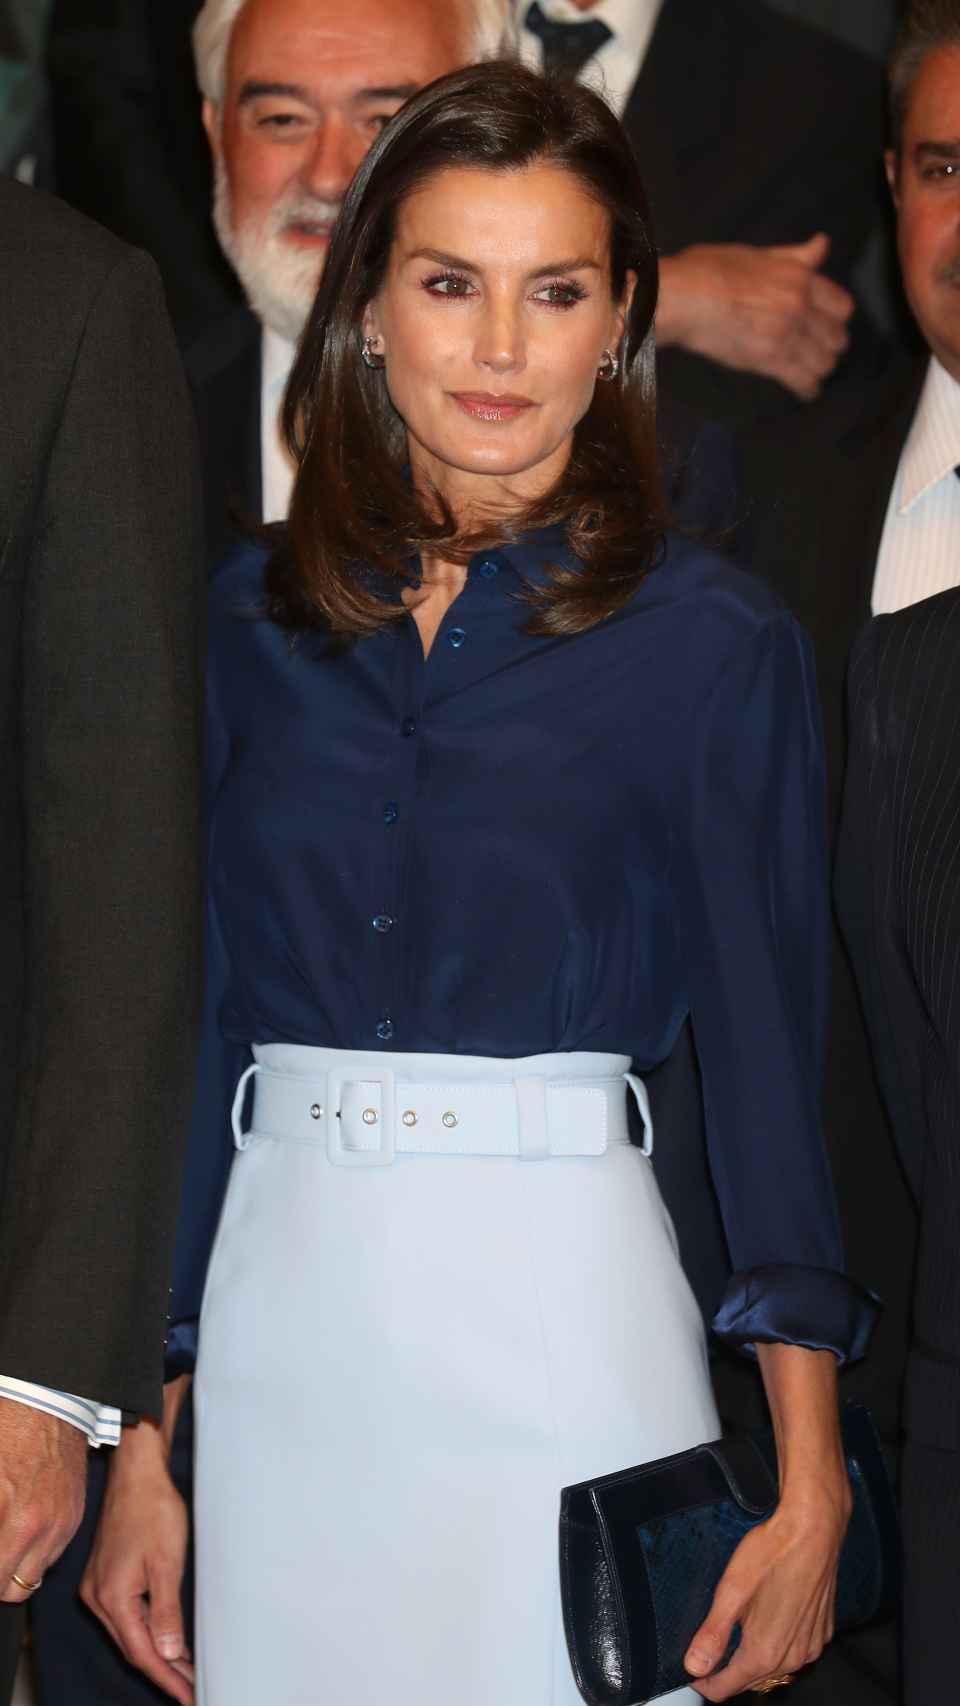 La Reina ha optado por una falda celeste de Hugo Boss.